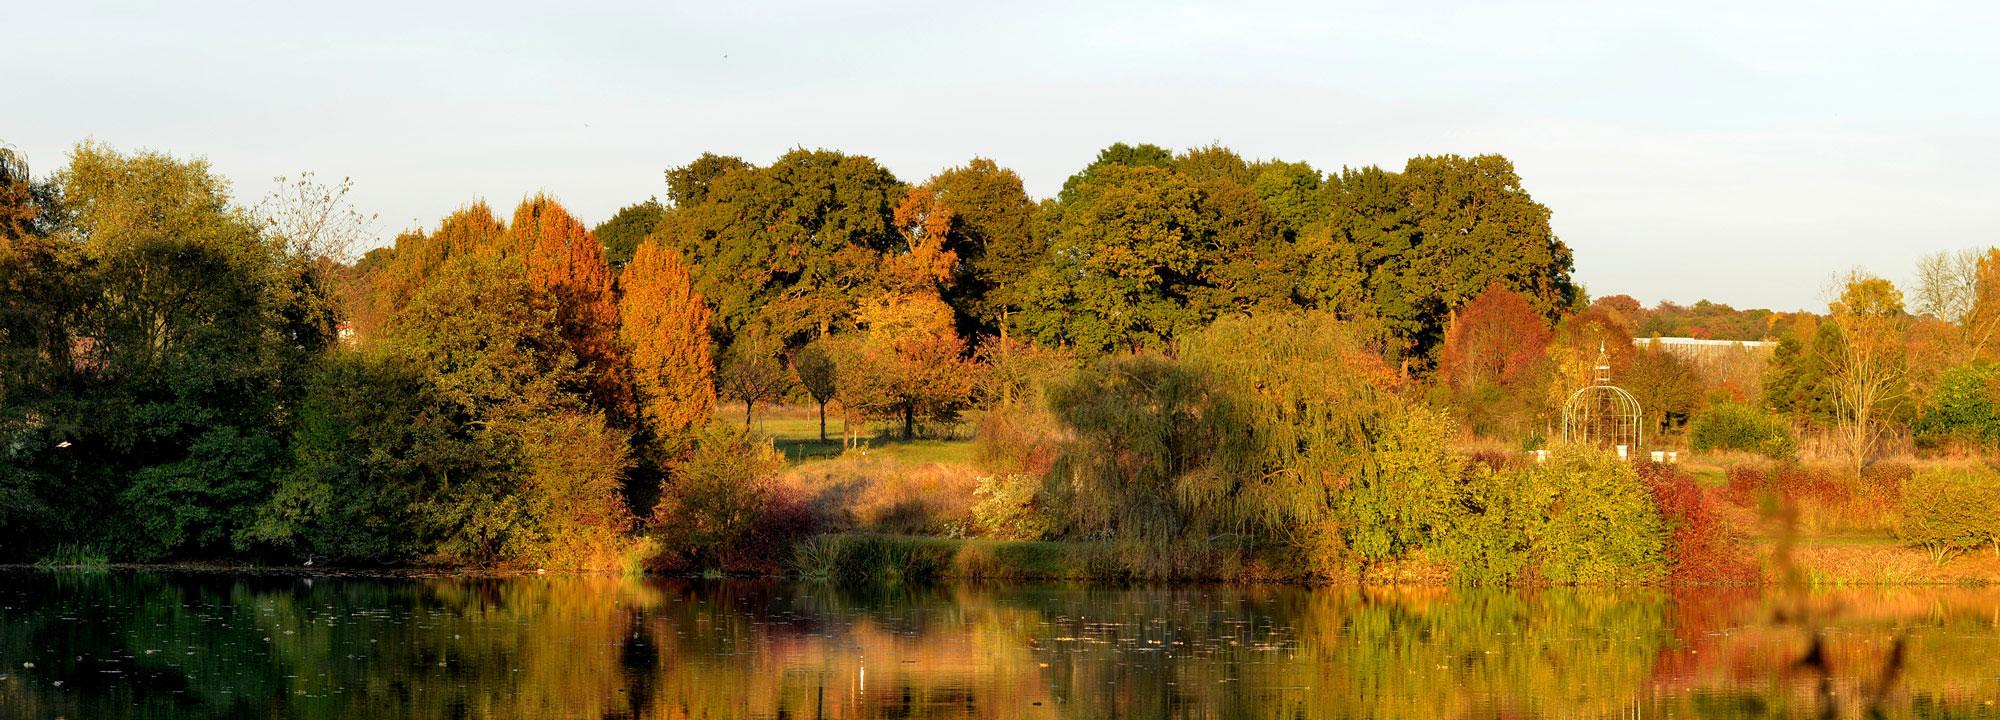 Vue de l'Étang aux Hérons en automne © MNHN - S. Gerbault